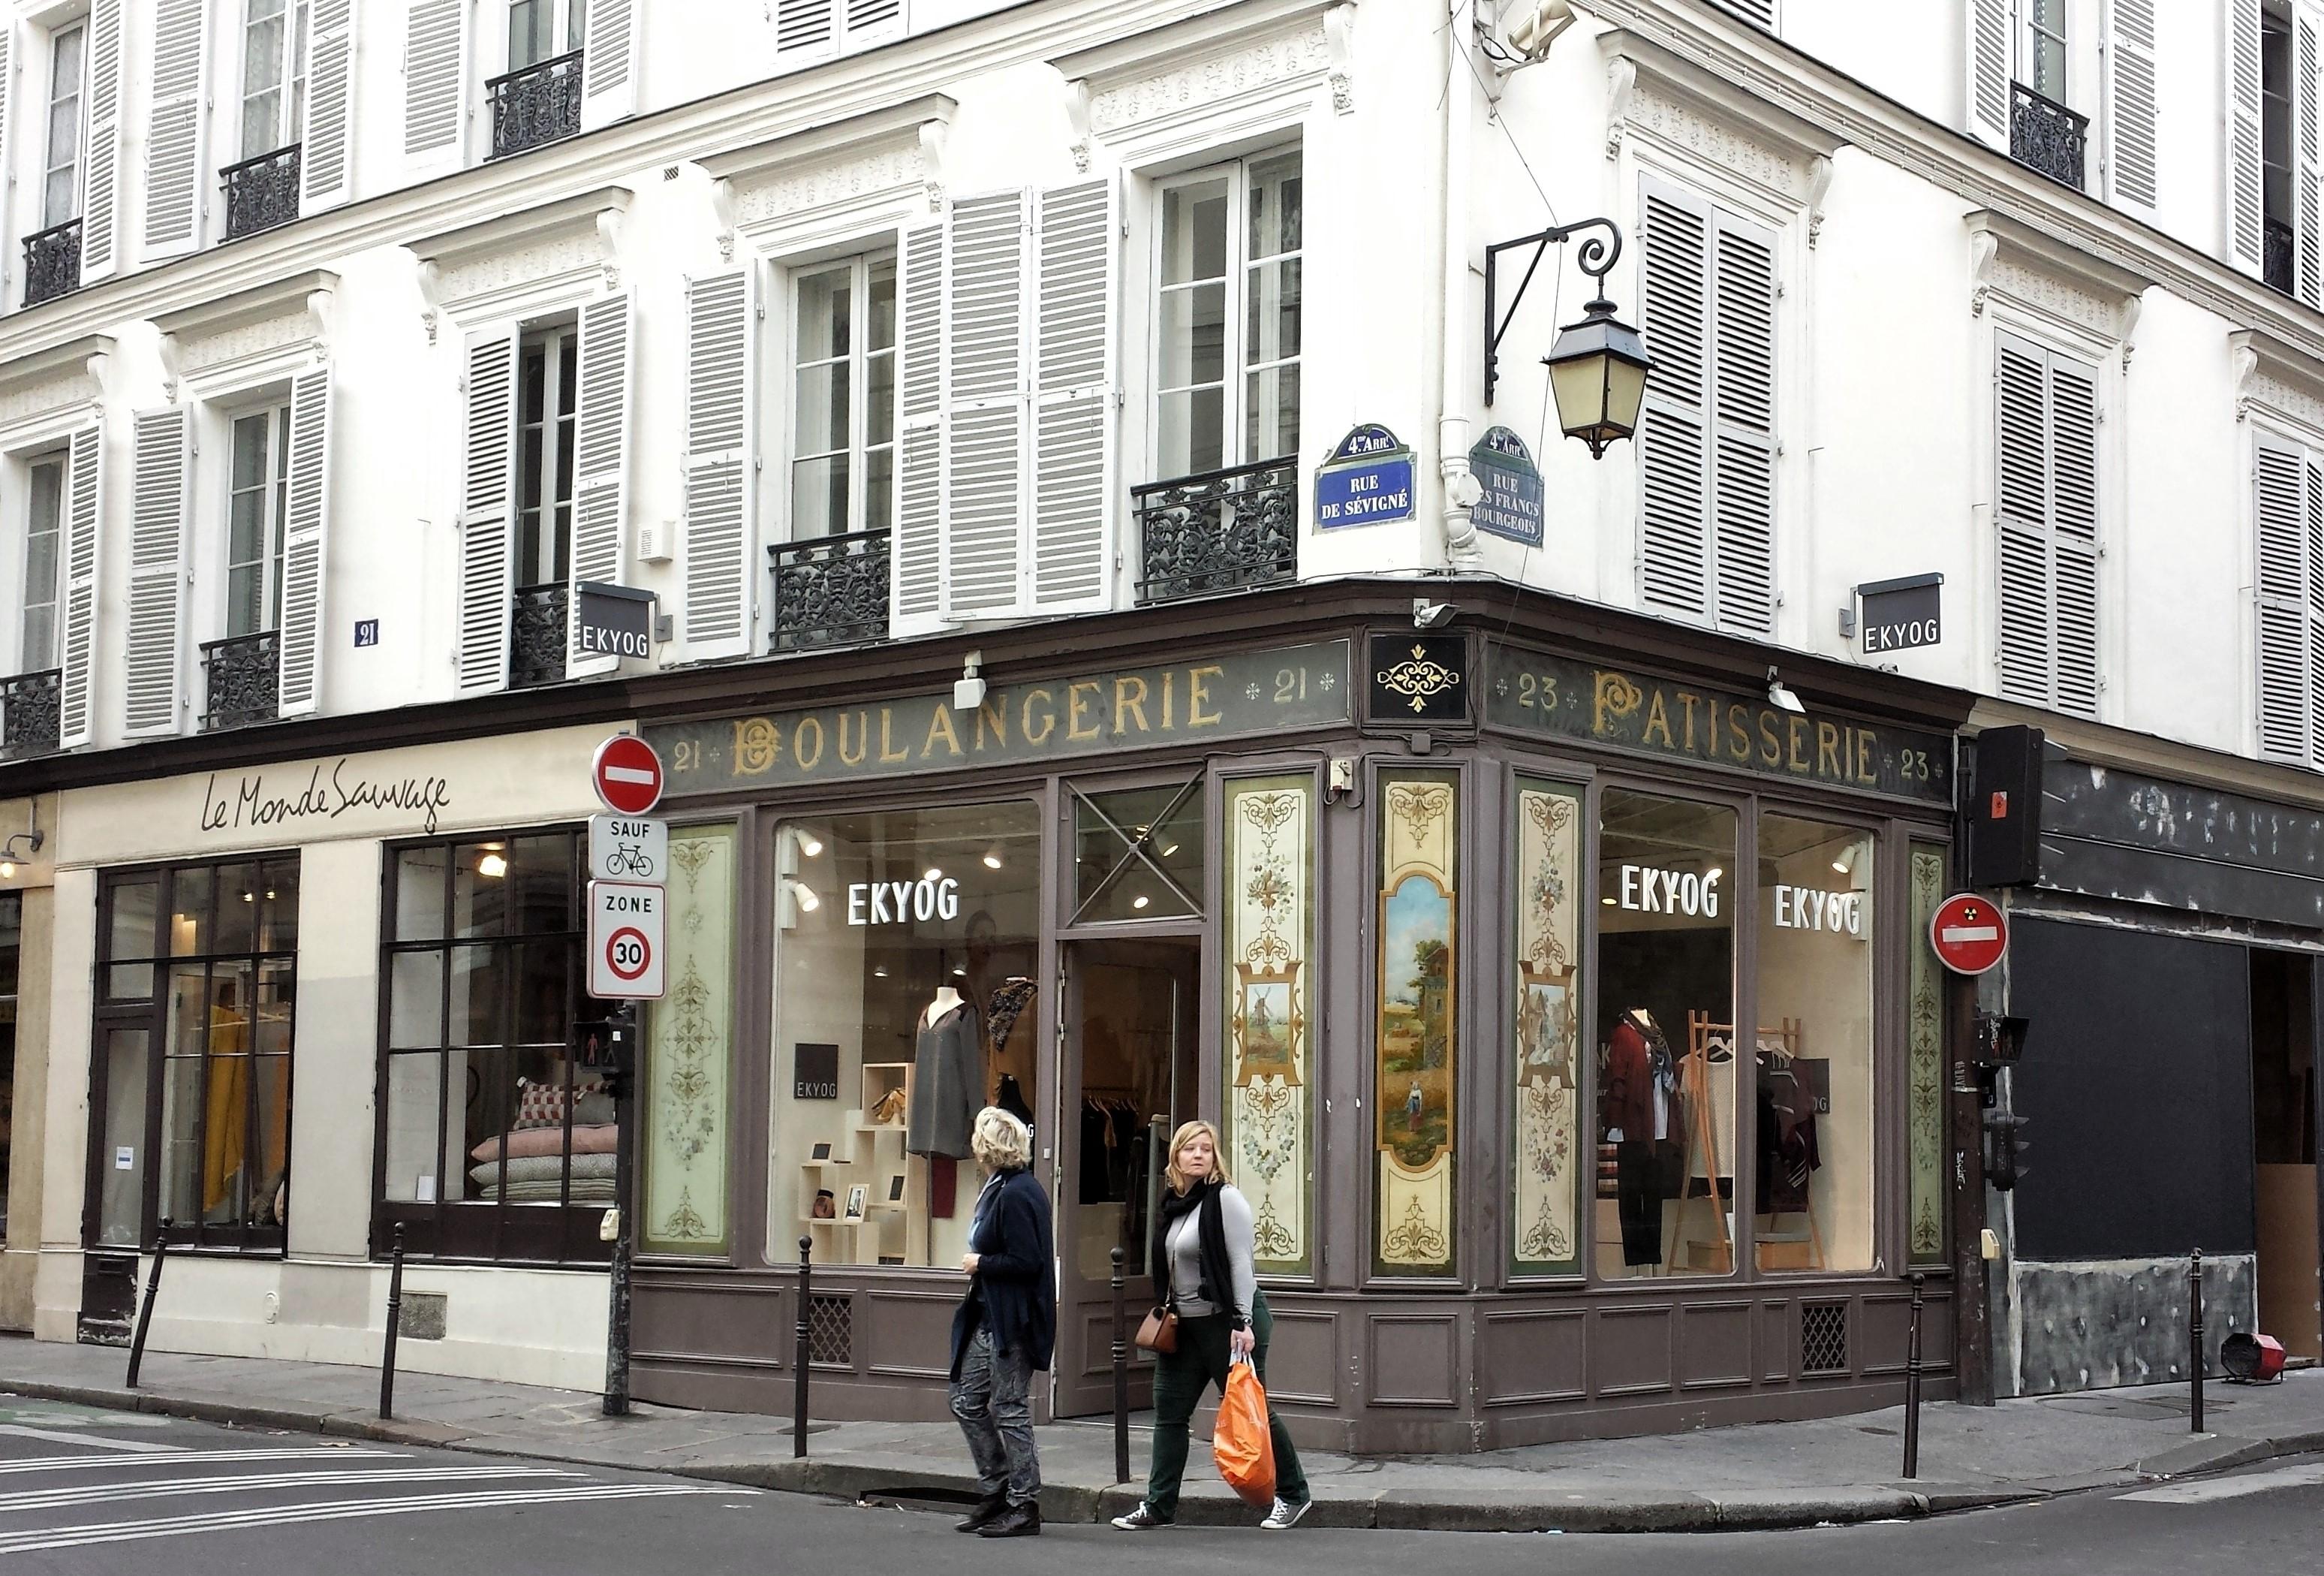 Rue de Sevigne ©ruedevarenne.com